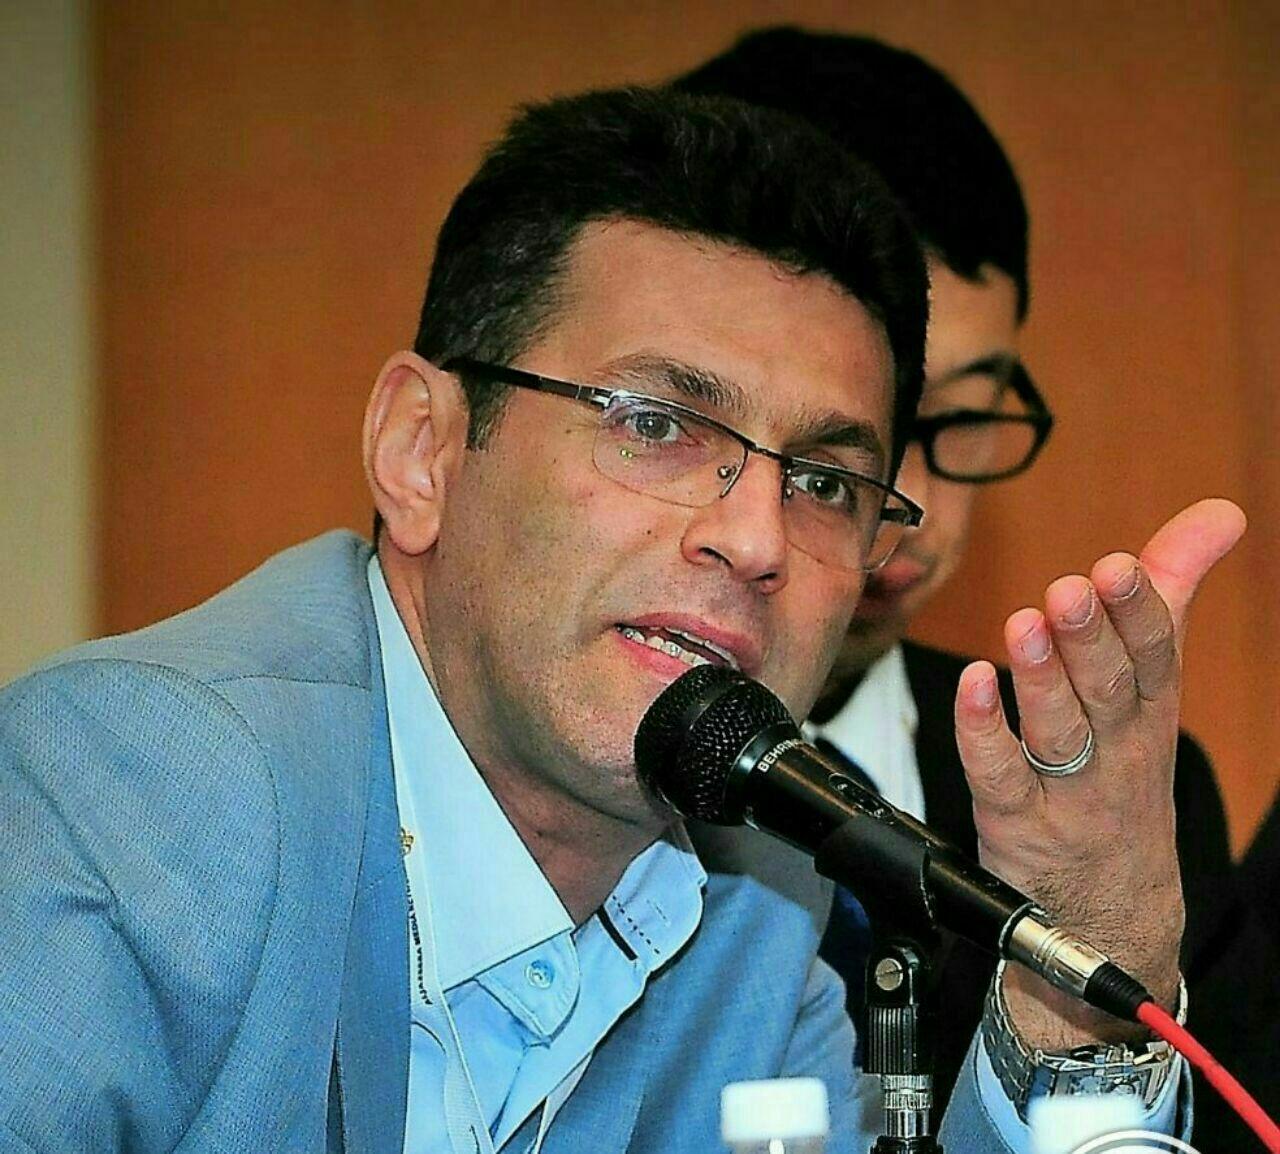 برخورد عجیب کمیته اخلاق با وکیل باشگاه خونه به خونه مازندران